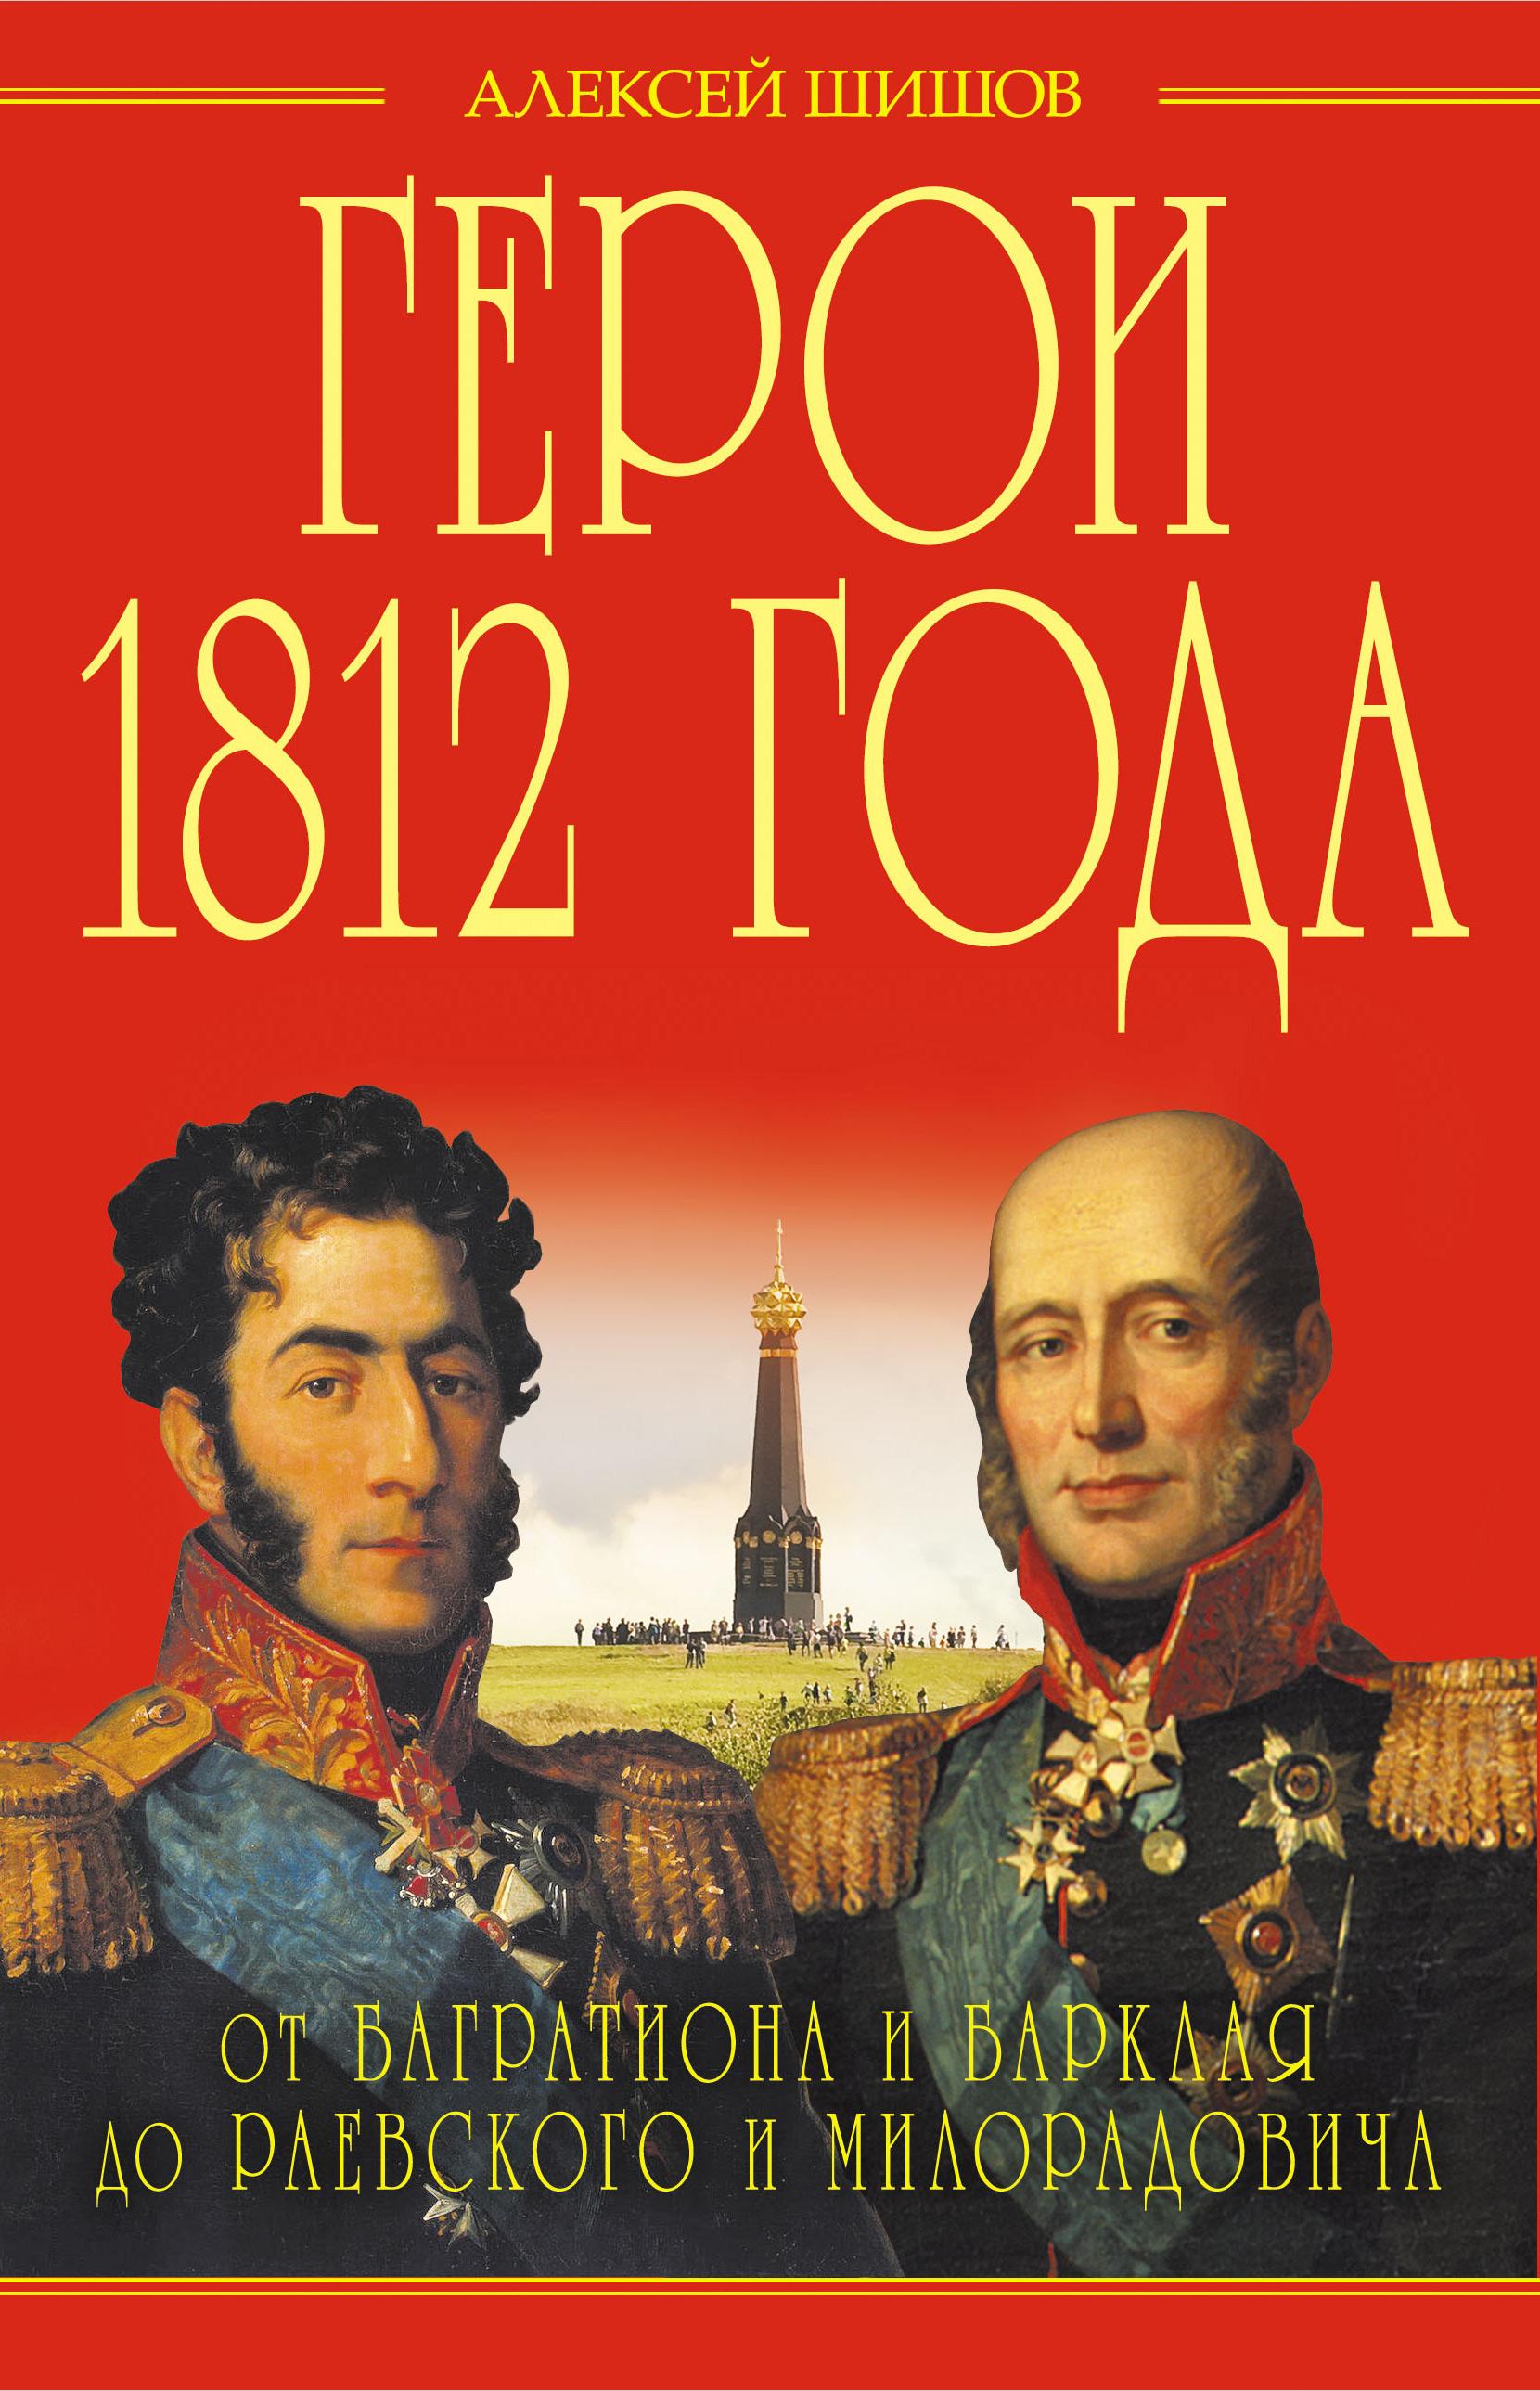 geroi 1812 goda ot bagrationa i barklaya do raevskogo i miloradovicha